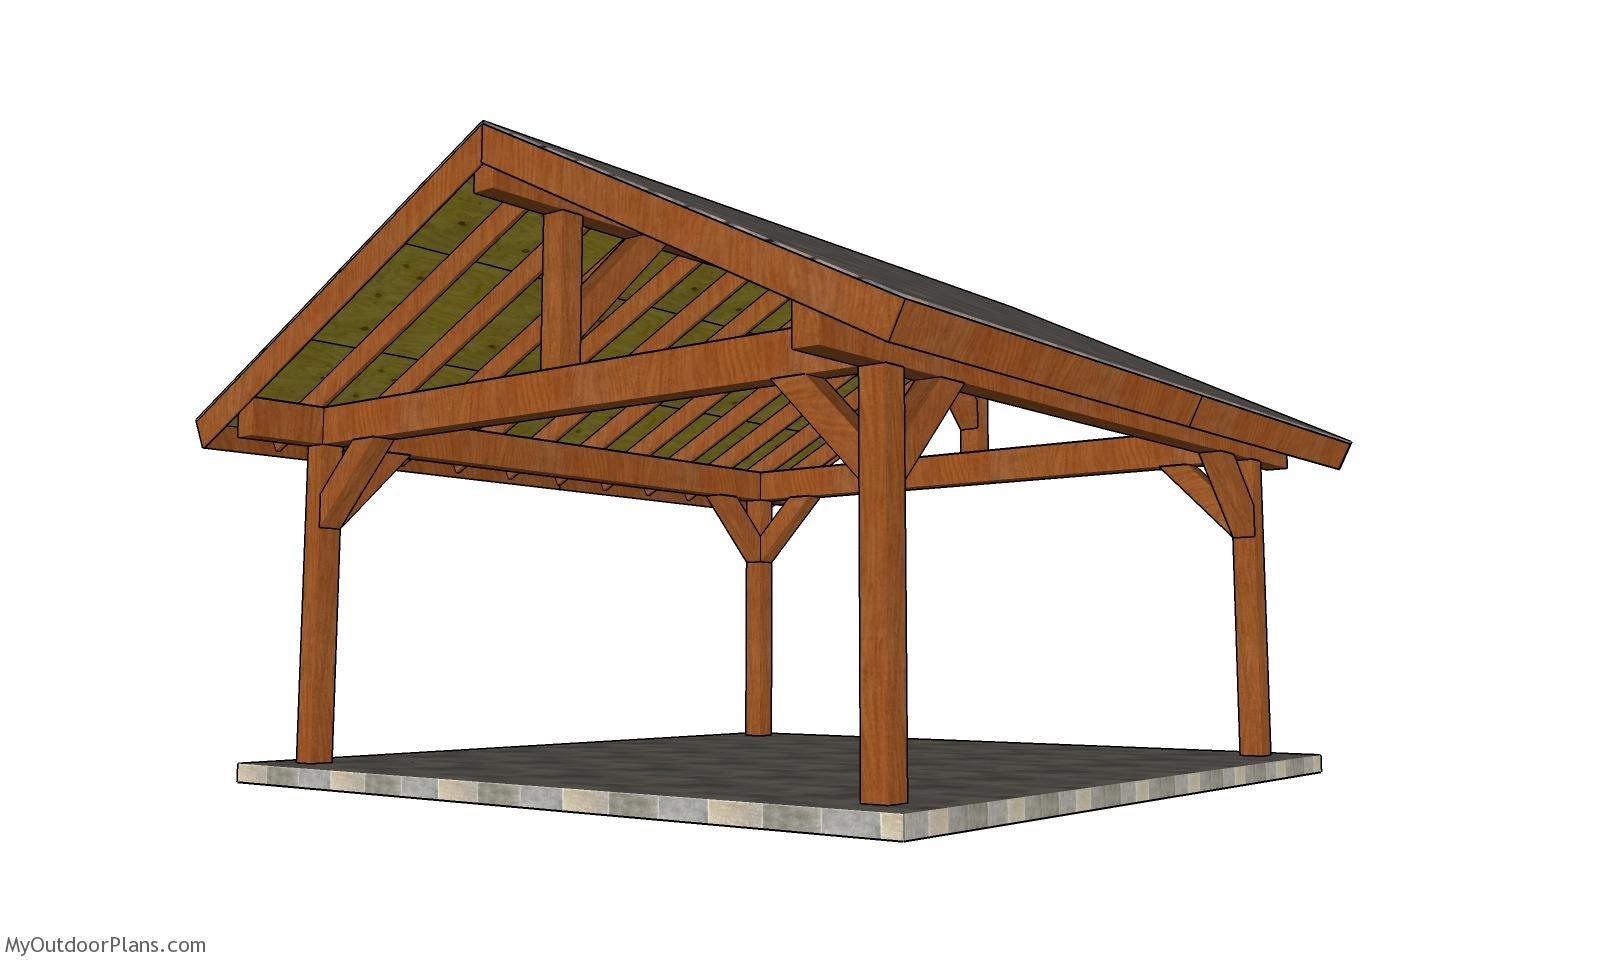 18x18 Pavilion Plans